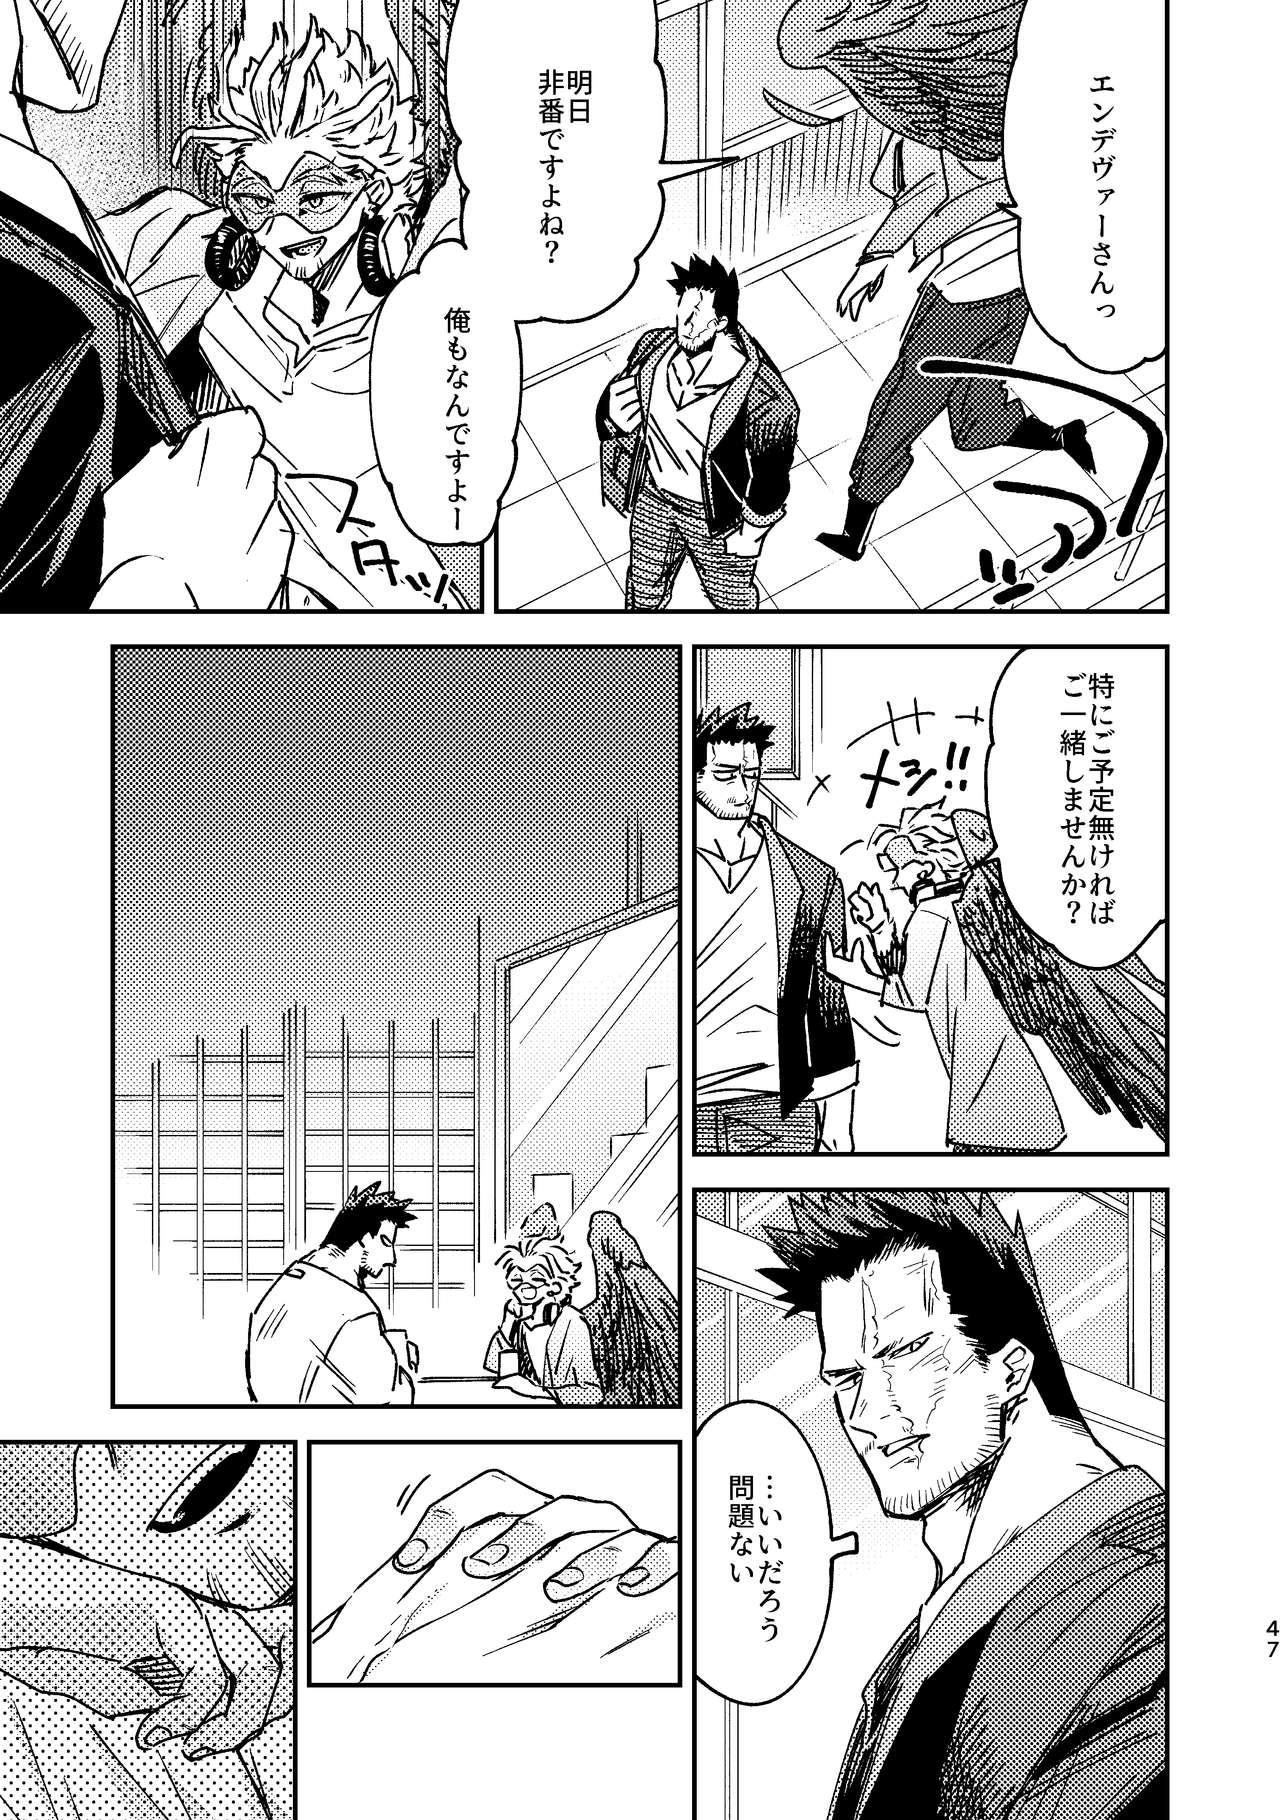 WEB Sairoku Zumi HawEn Manga ga Kami demo Yomeru Hon. 46